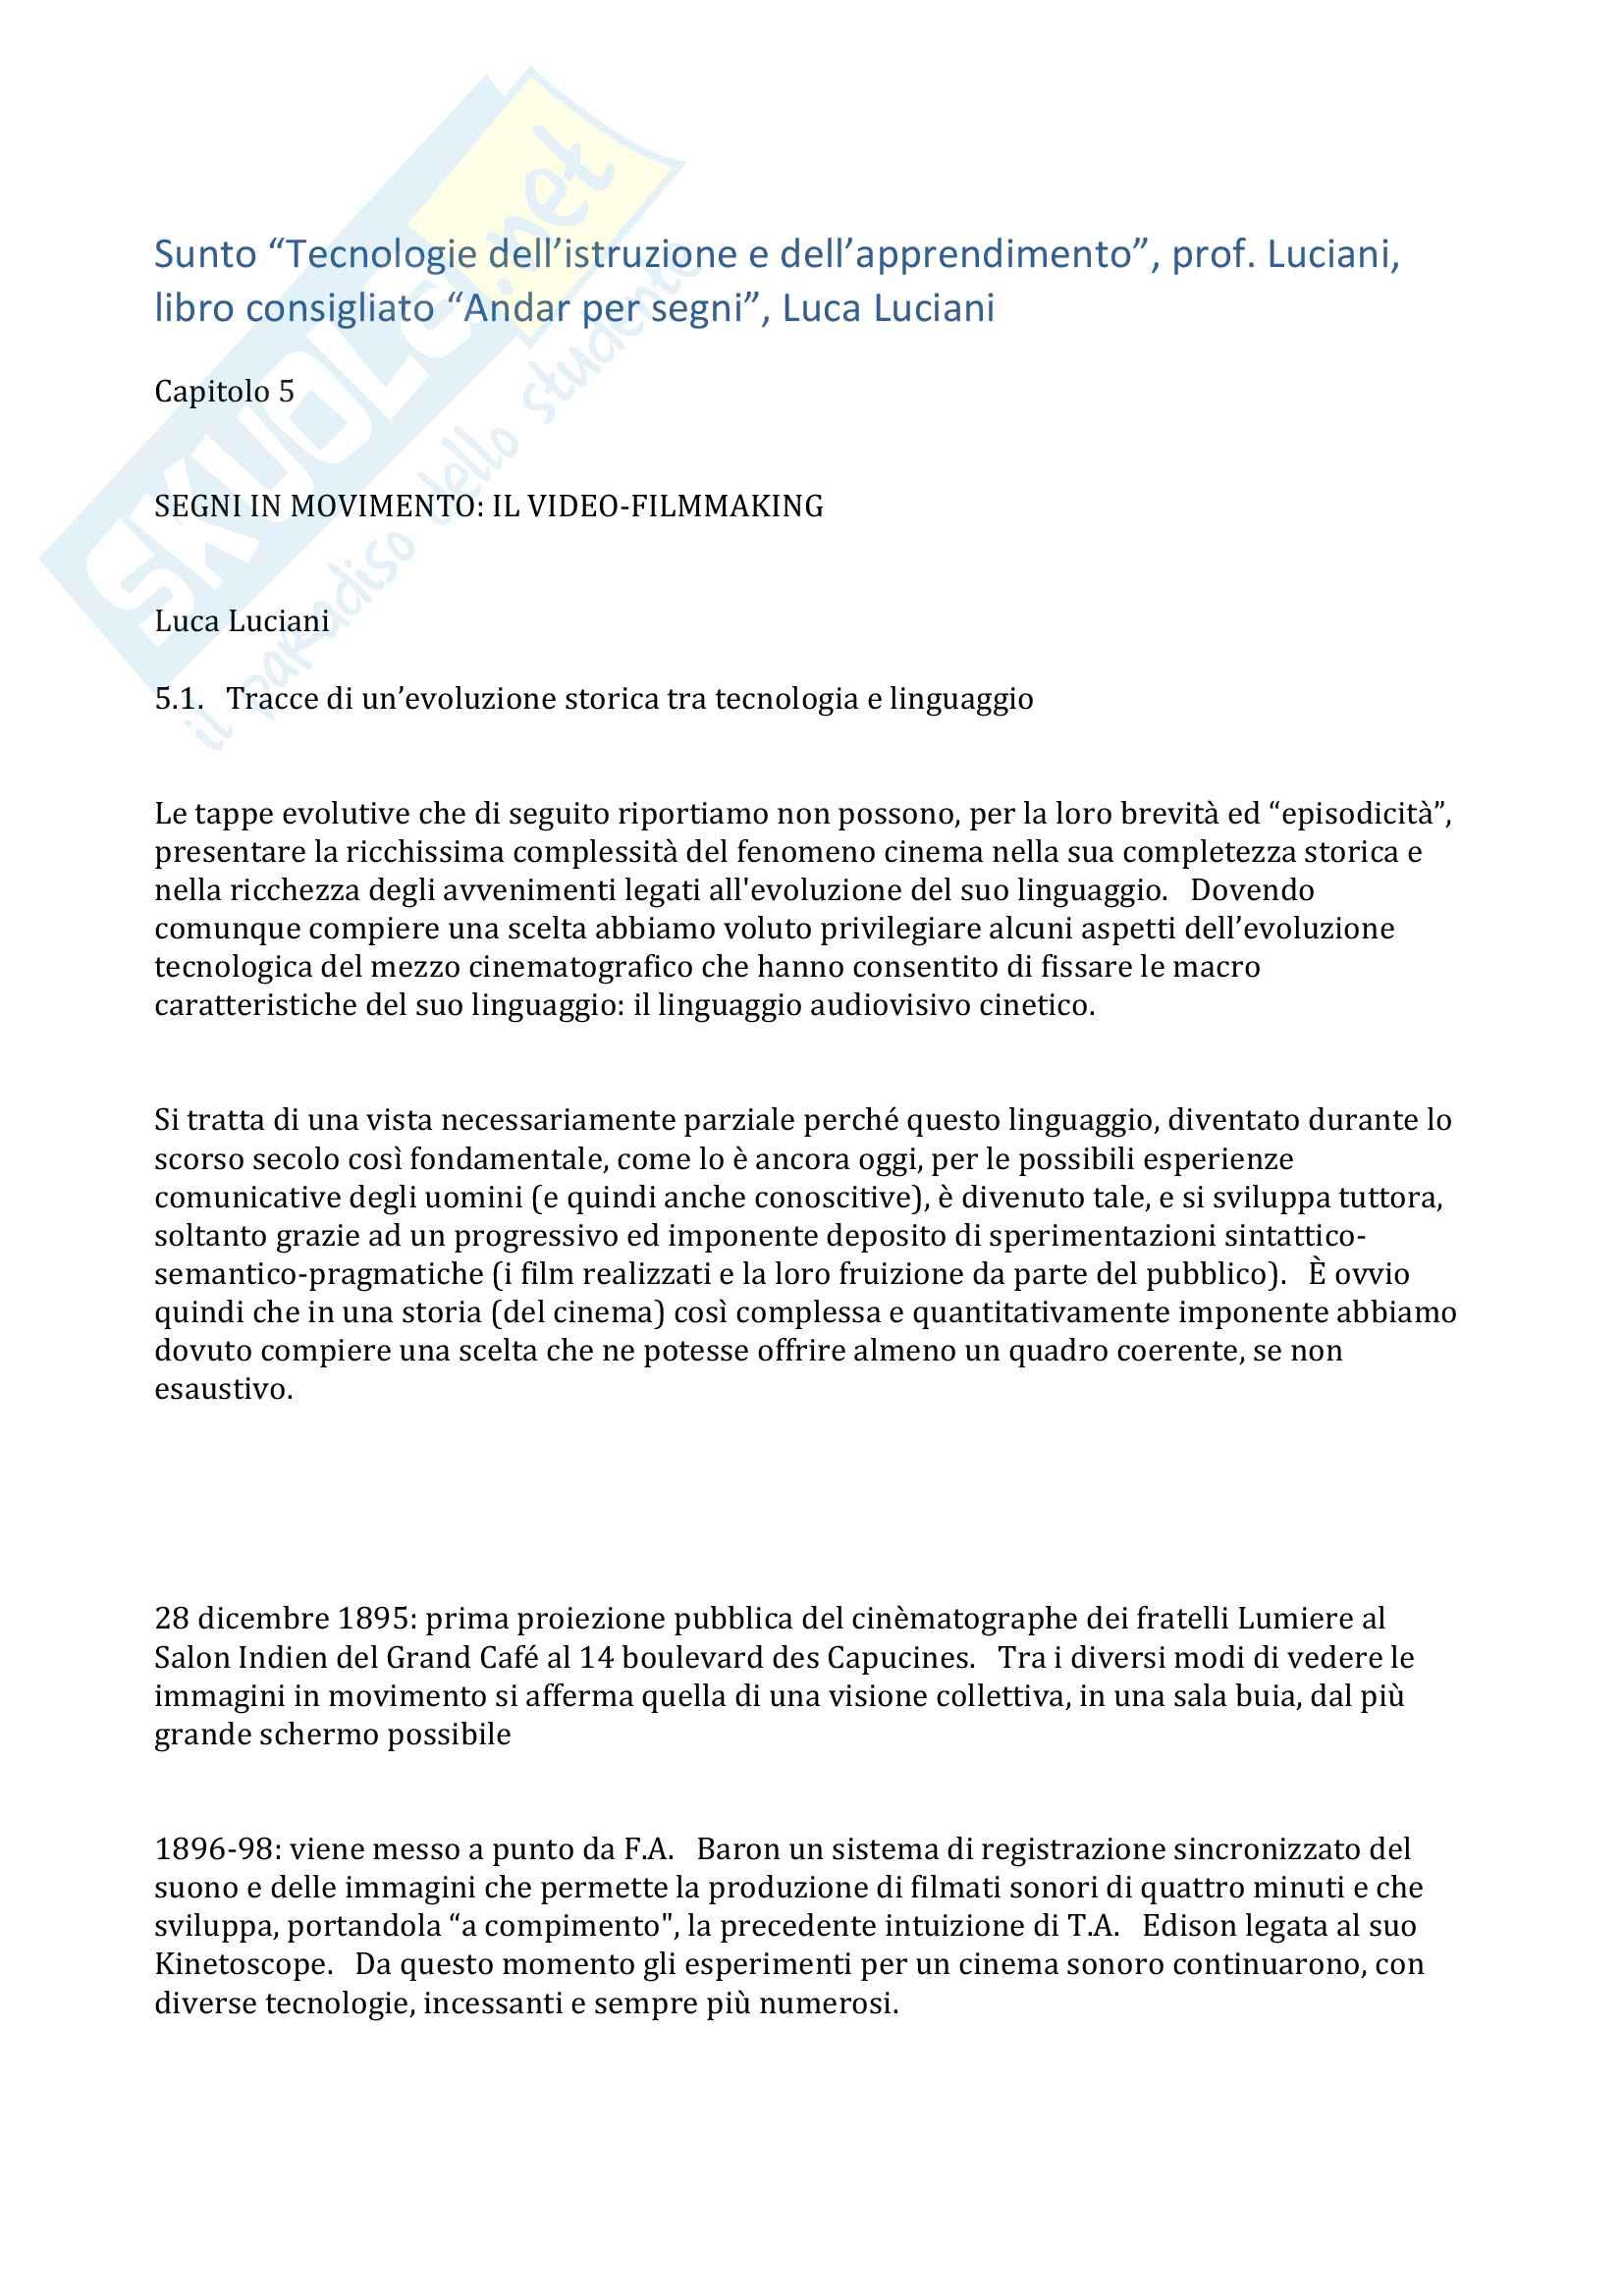 """Riassunto esame """"Tecnologie dell'istruzione e dell'apprendimento"""", prof. Luciani, libro consigliato """"Andar per segni"""", Luca Luciani"""